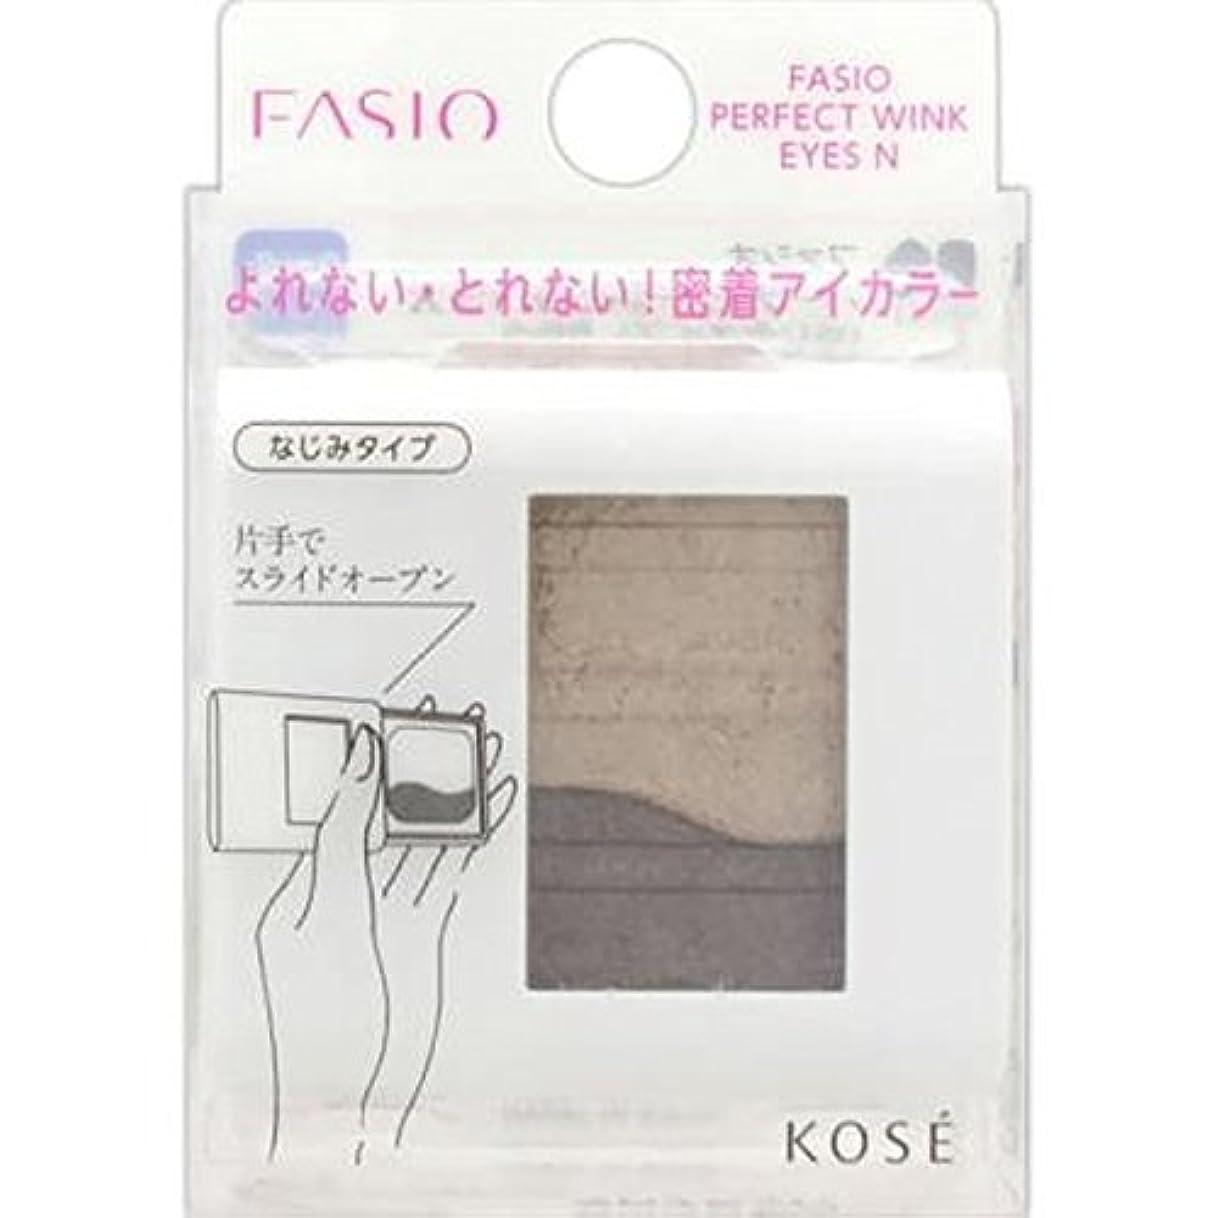 記者カニが欲しいコーセー ファシオ パーフェクトウィンクアイズ N #006 1.7g